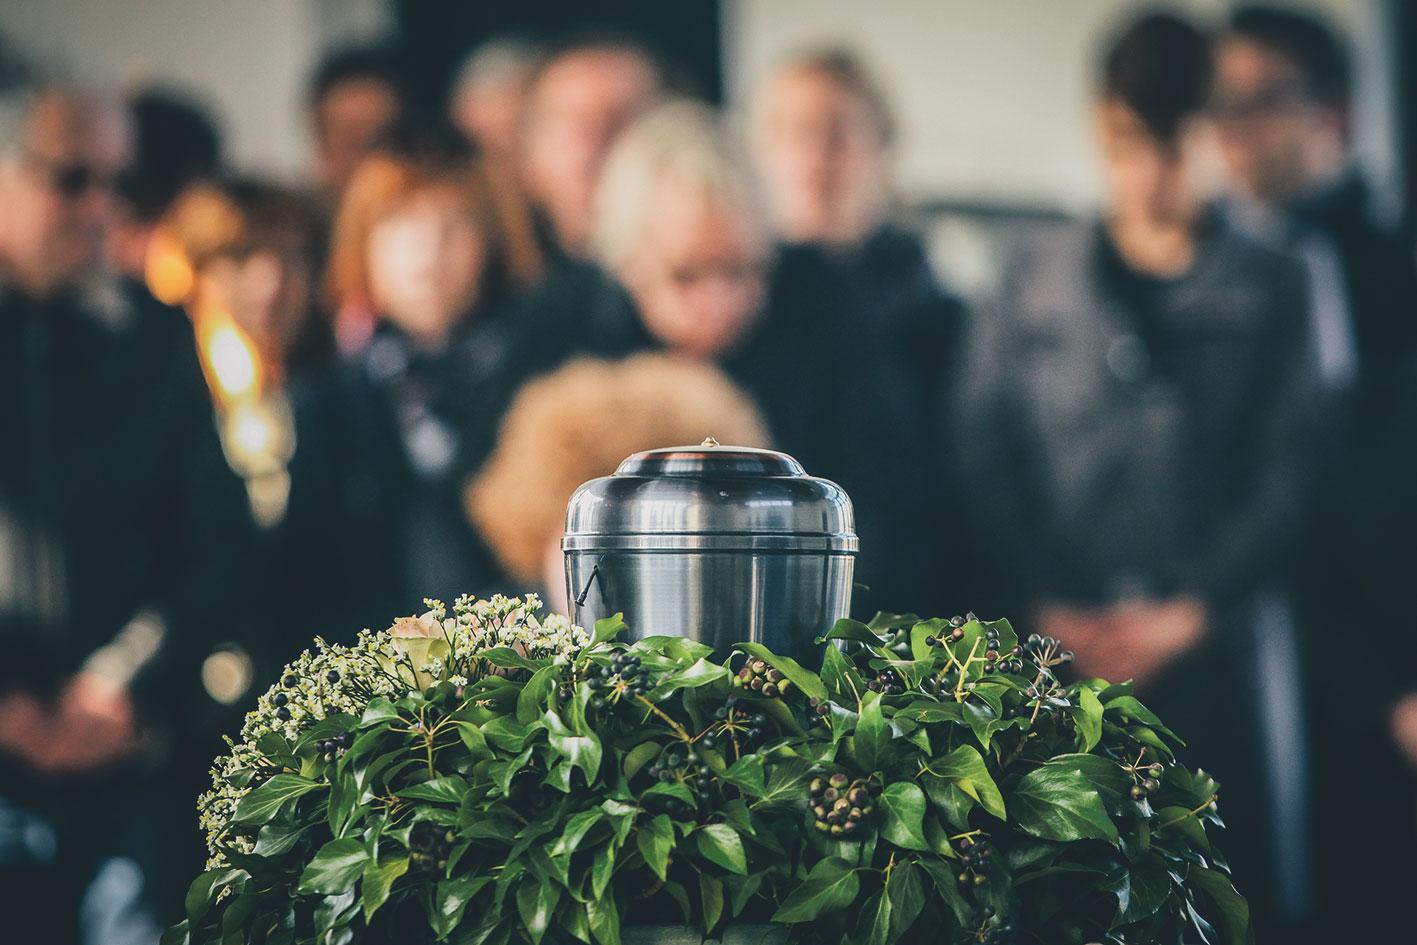 Urne mit Trauergemeinschaft im Hintergrund.